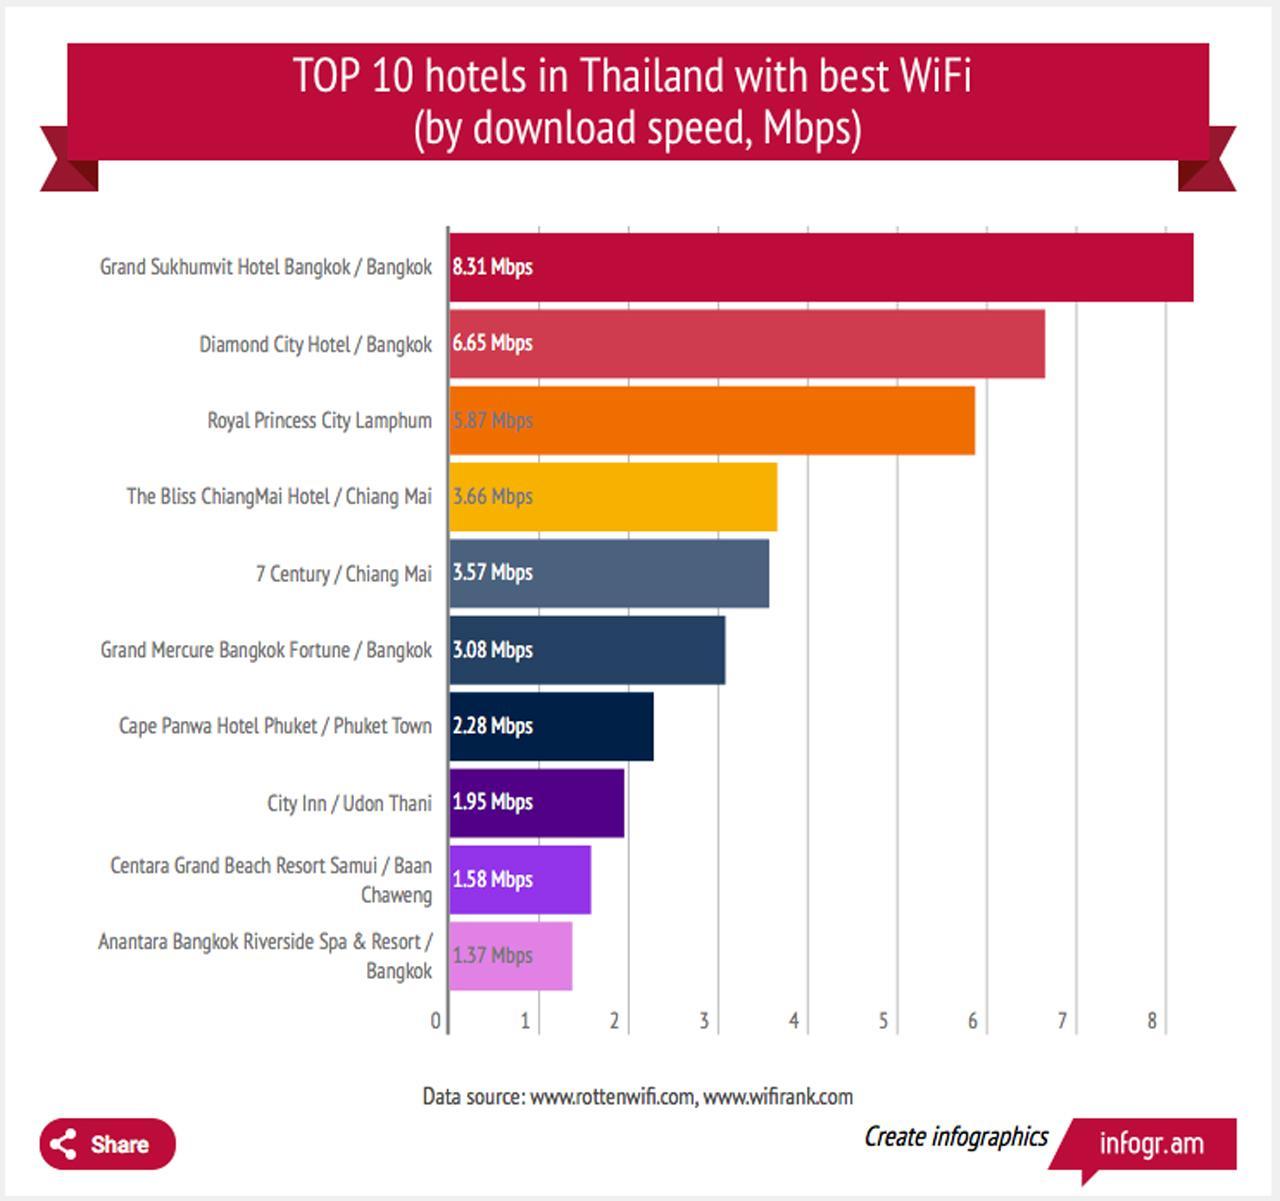 10 อันดับโรงแรมที่ให้บริการไวไฟดีที่สุดในประเทศไทย โดย Rotten WiFi